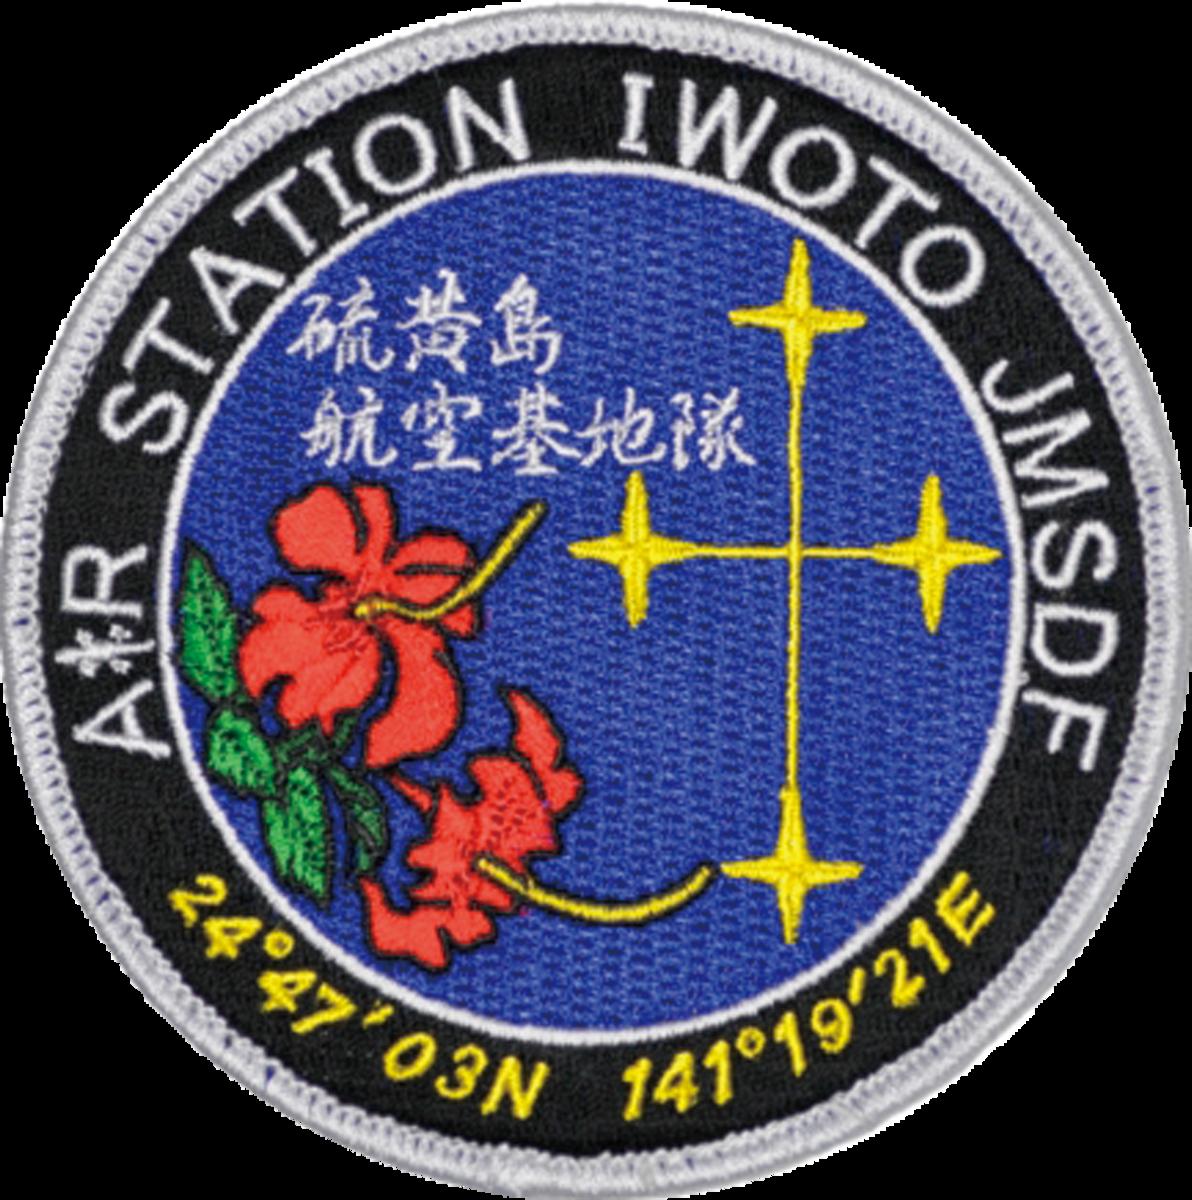 硫黄島航空基地隊パッチ